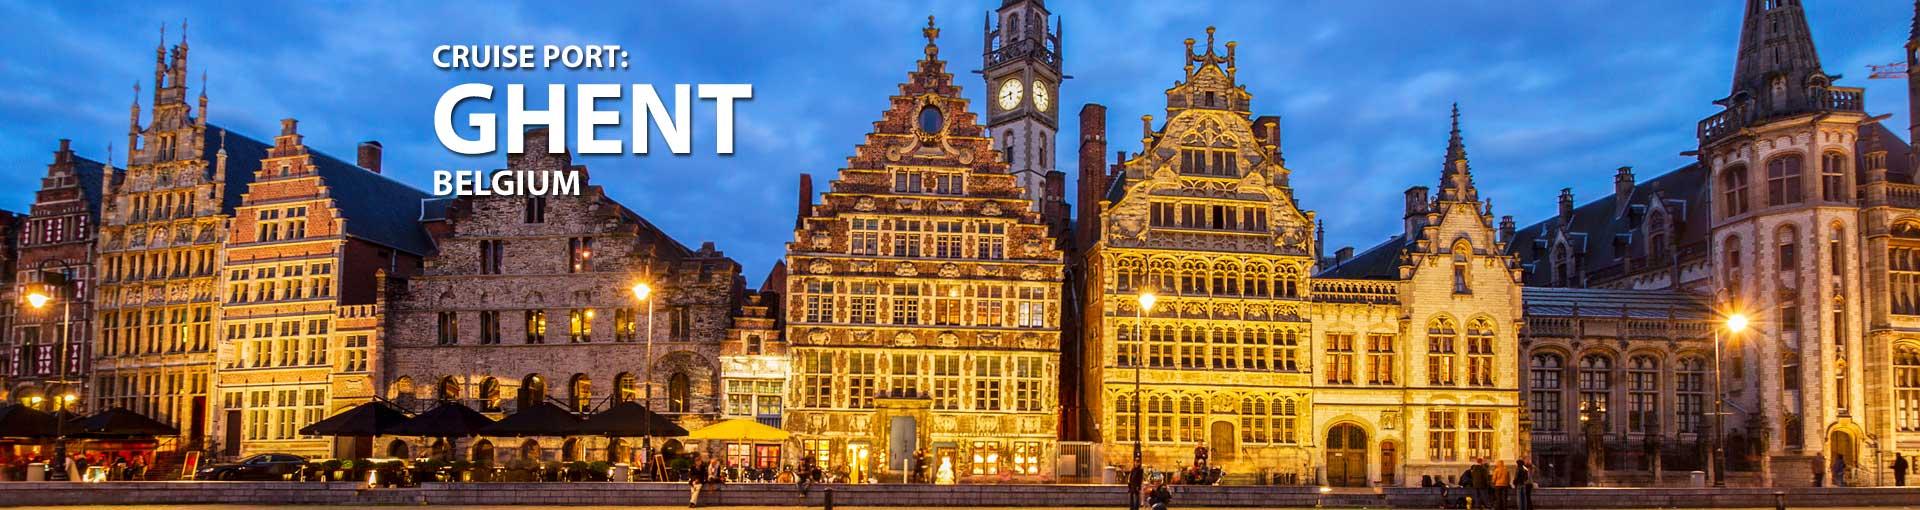 Cruises to Ghent Belgium